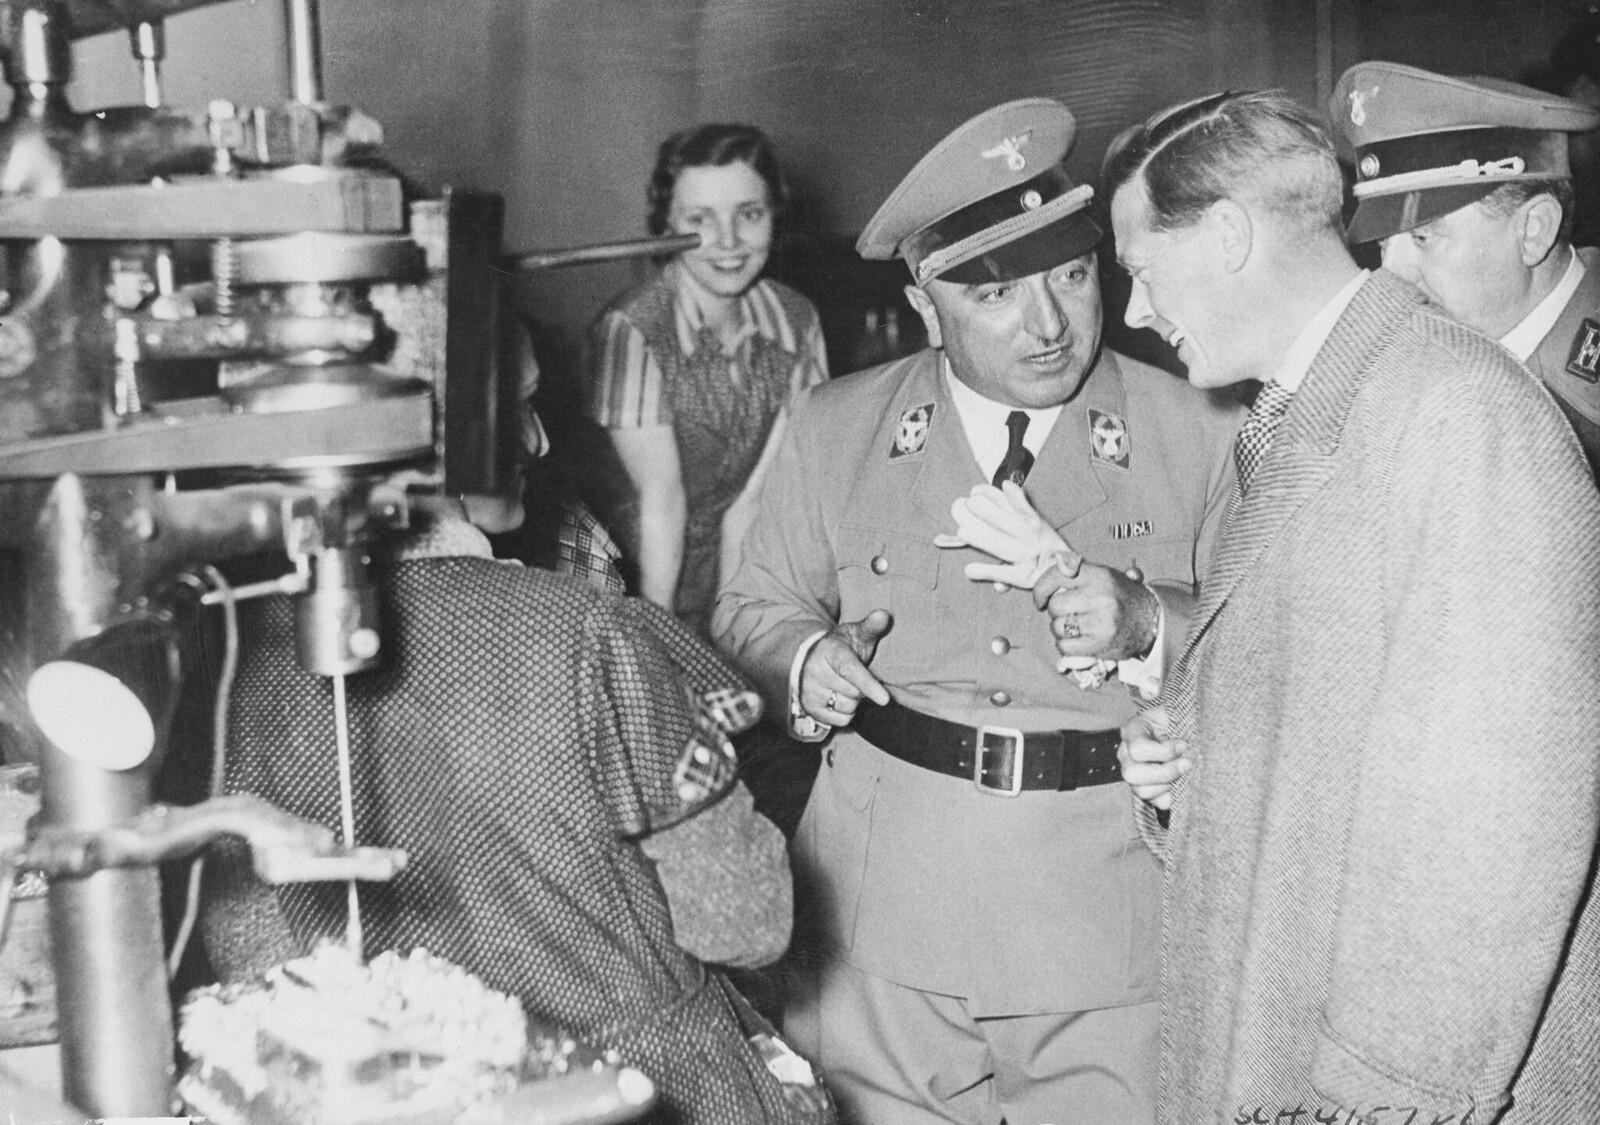 18 октября. Берлин. Герцог Виндзорский посетил фабрику в Берлине. Герцог болтал и шутил с ними, задавал вопросы об их работе,